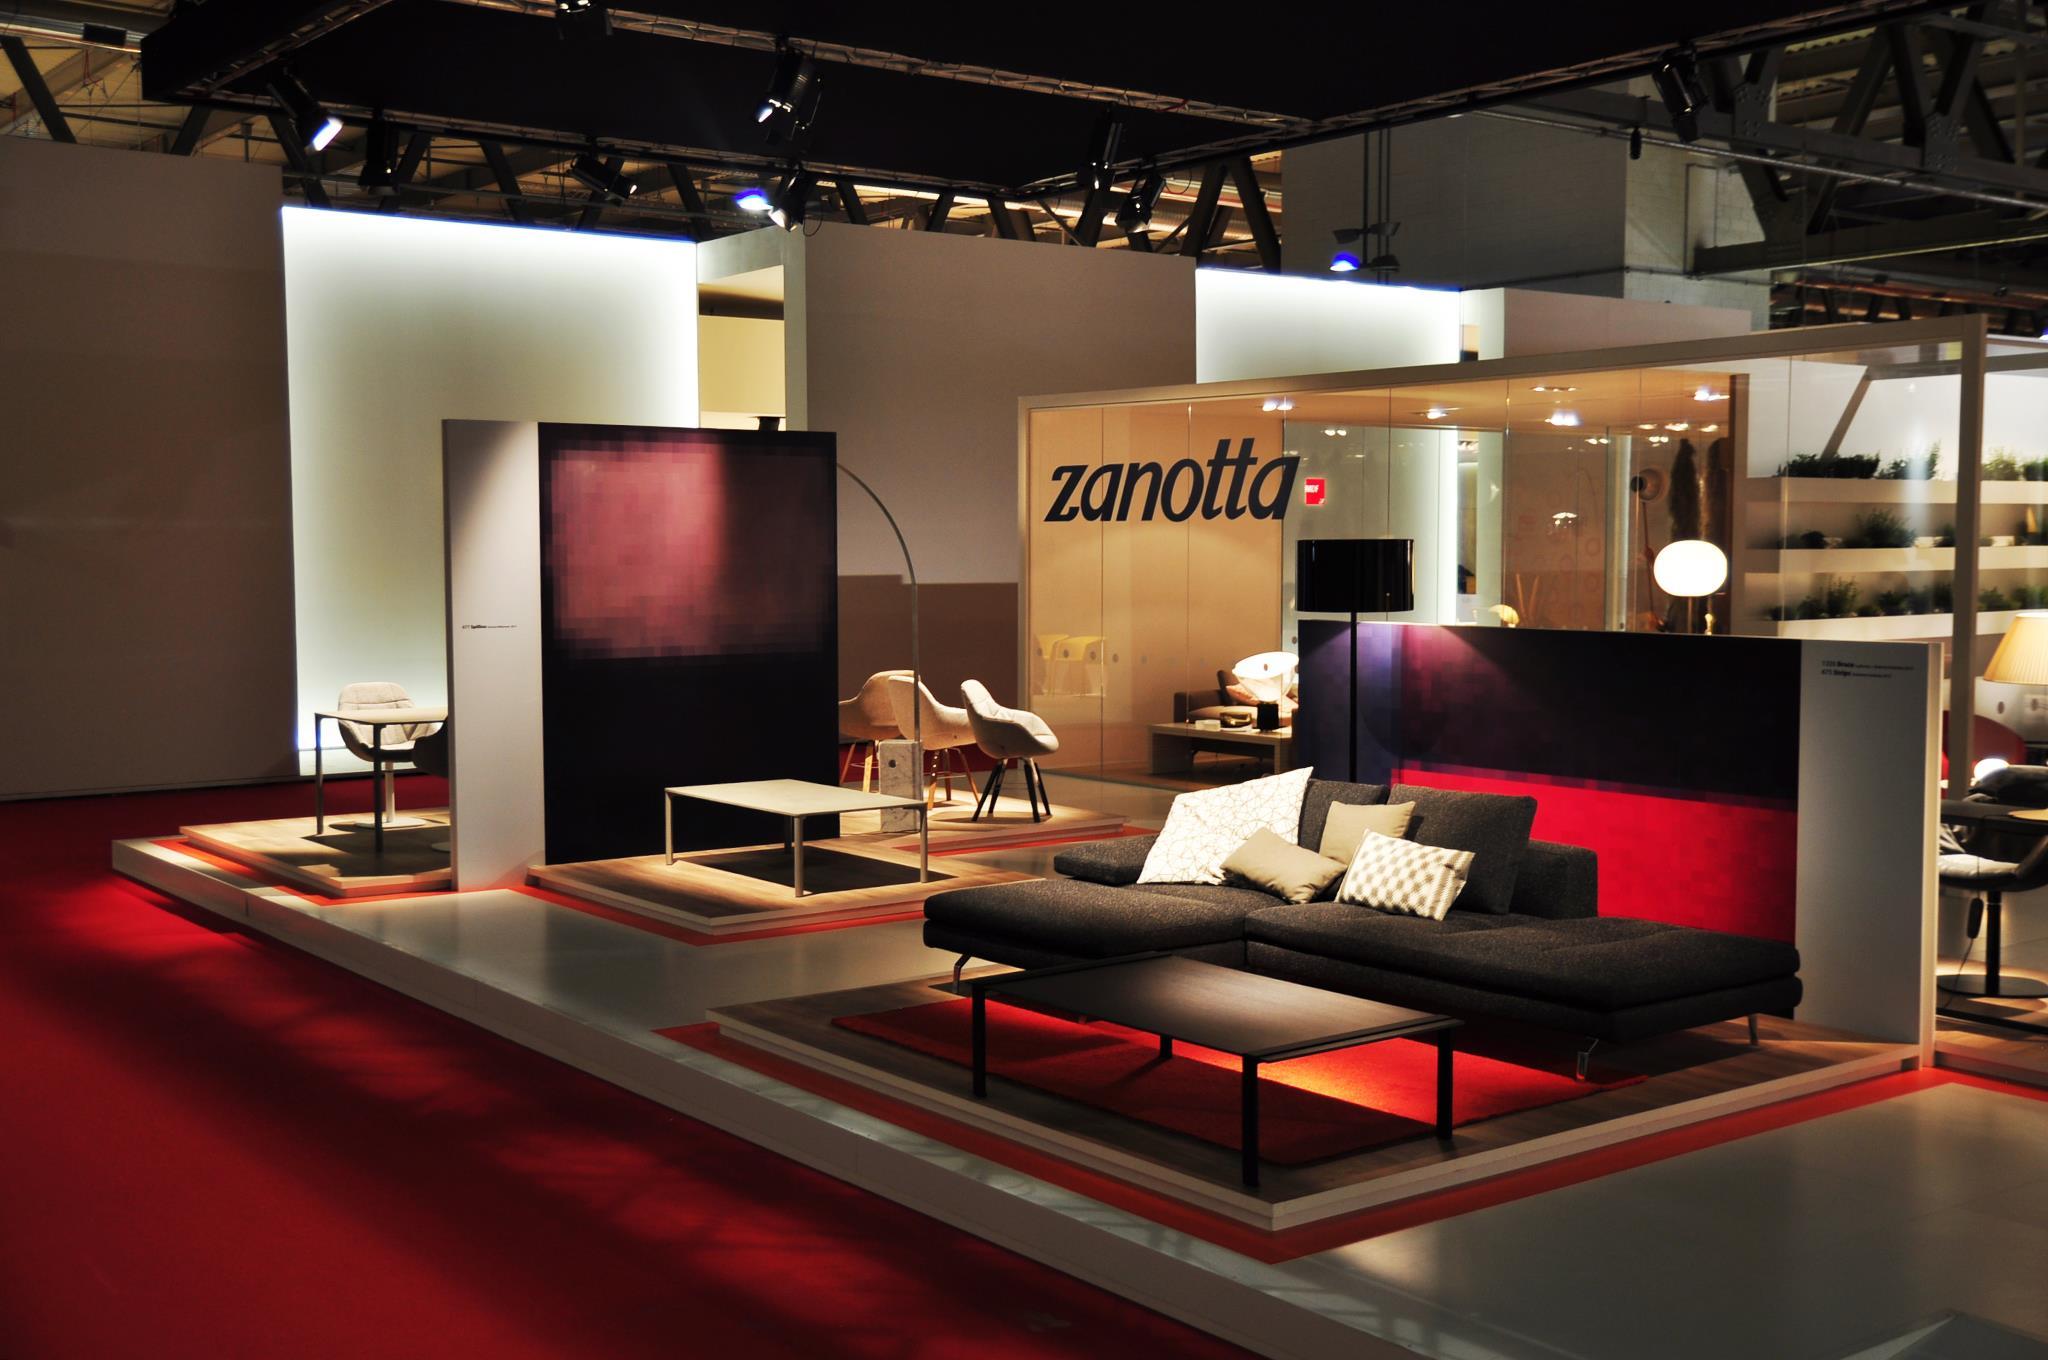 Salone del mobile milano 2013 zanotta2luxury2 com - Salone del mobile a milano ...